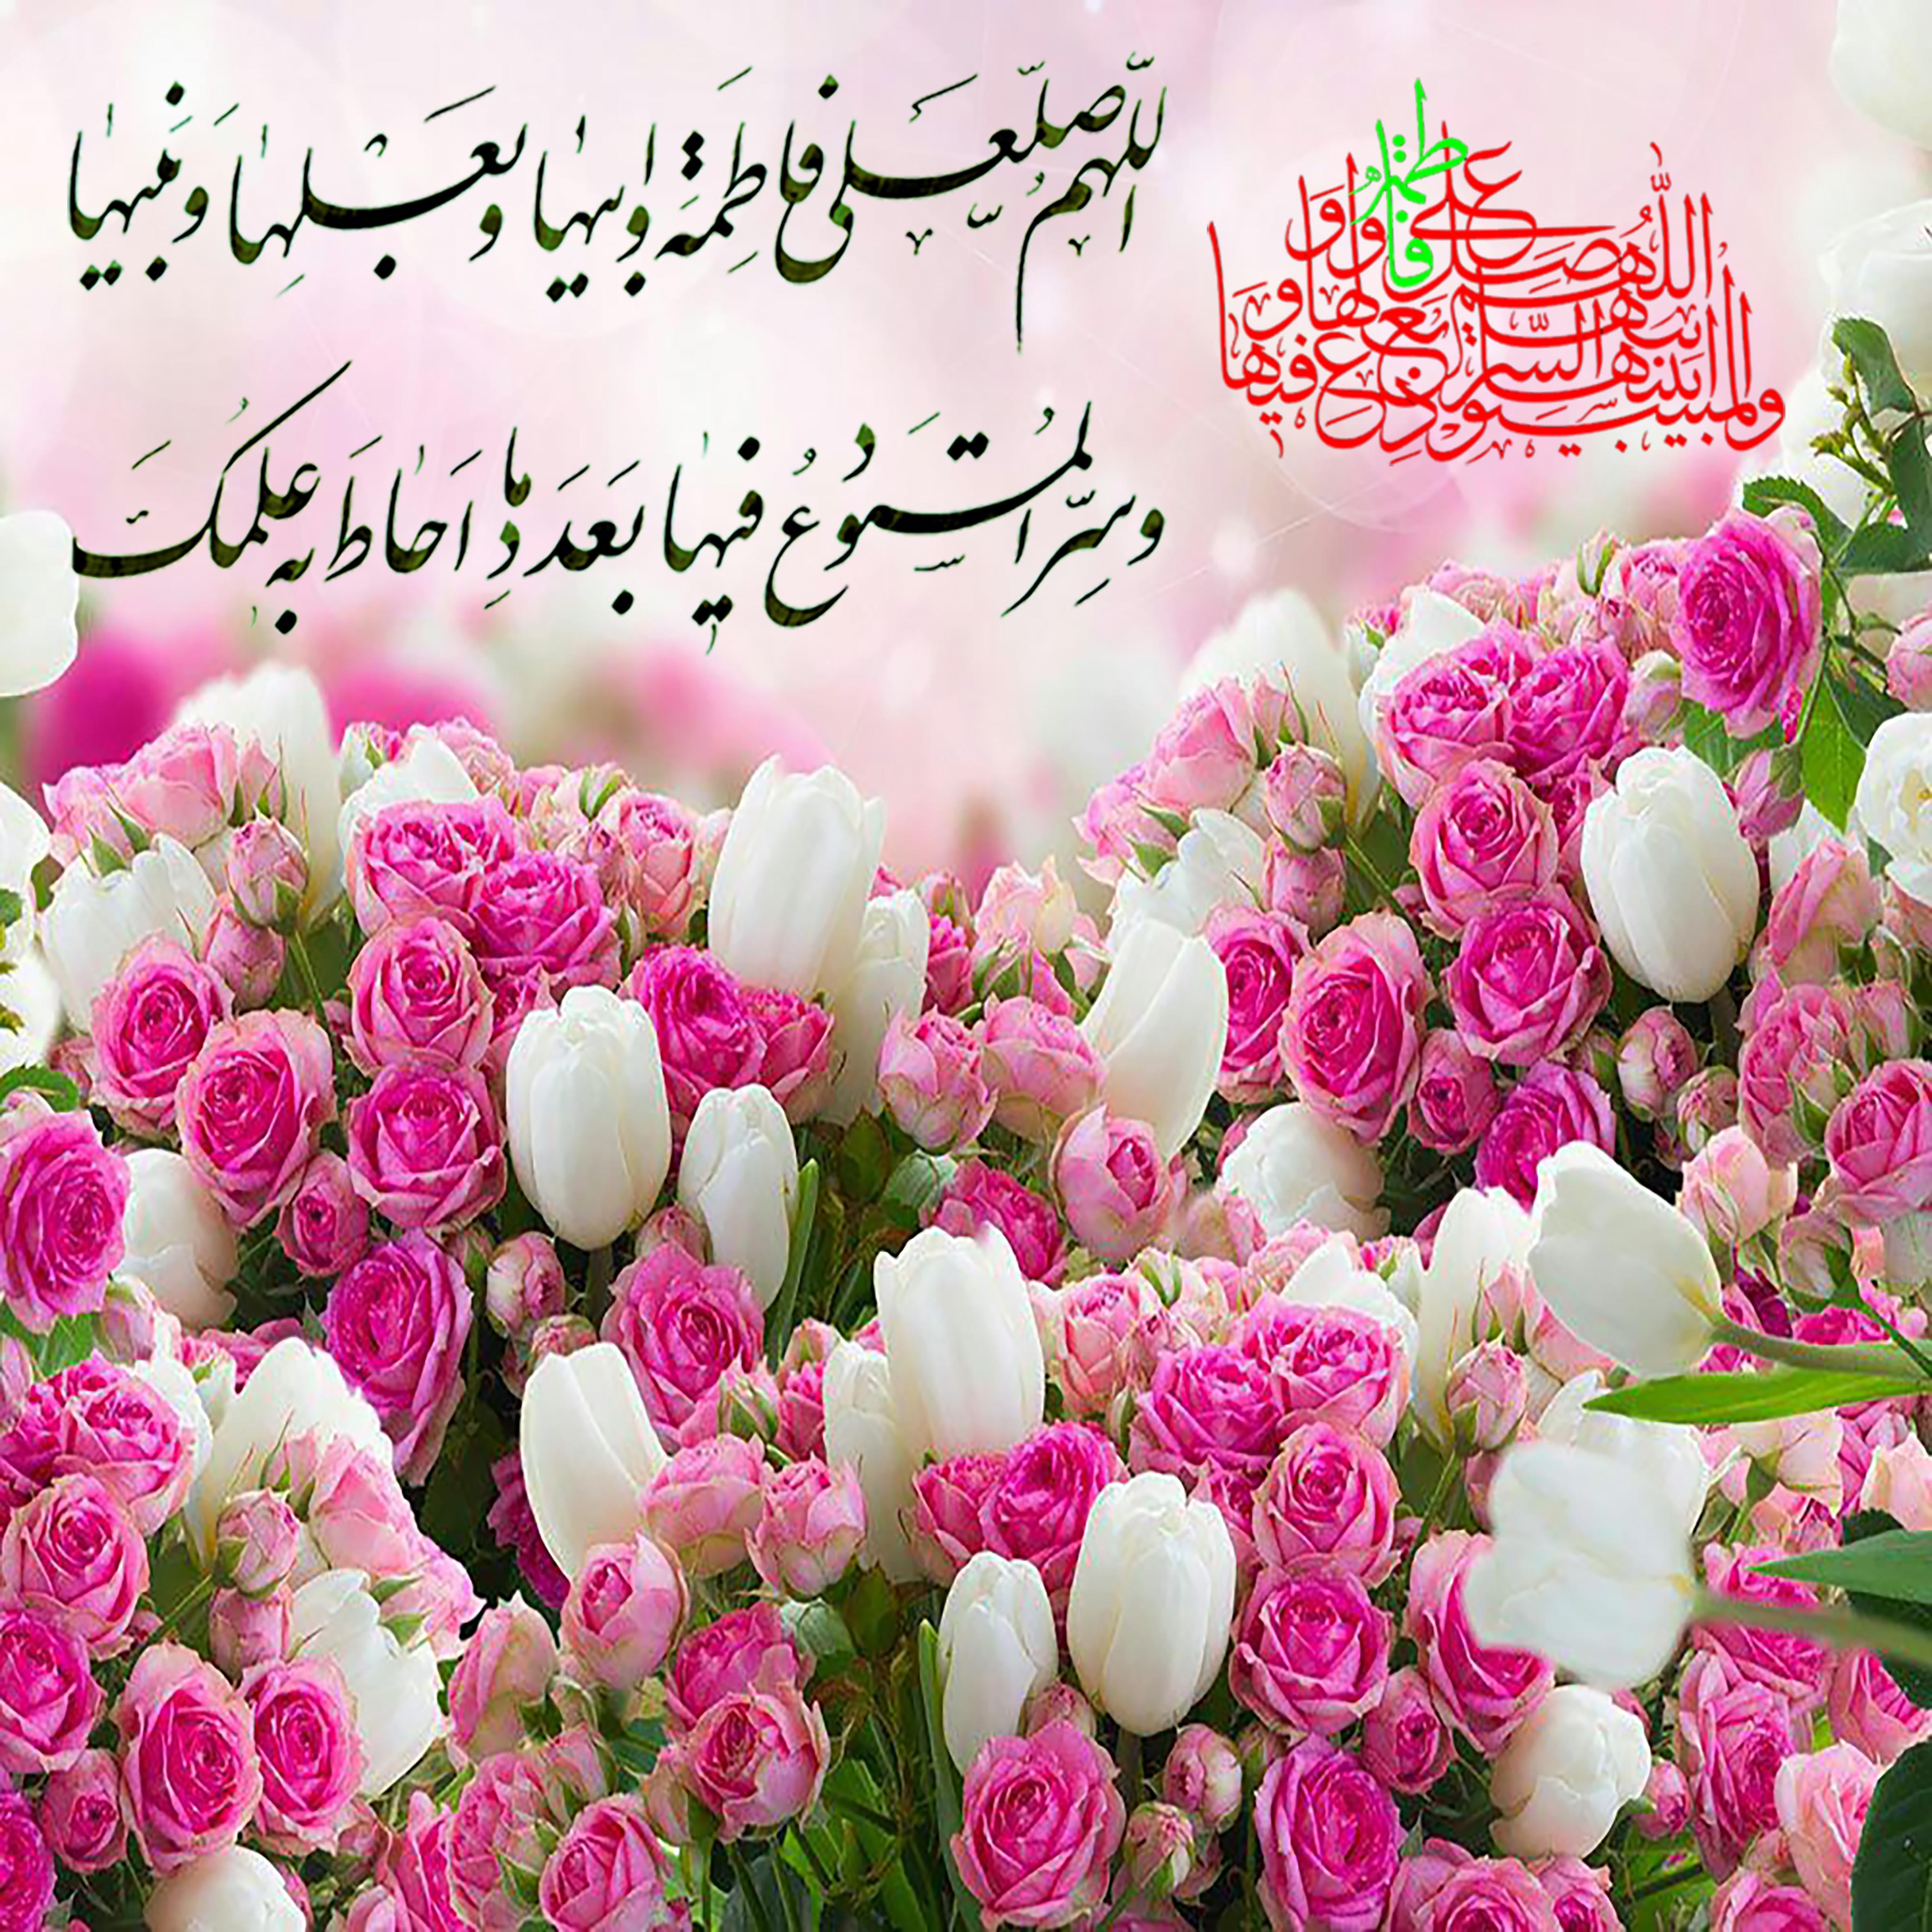 عکس پروفایل صلوات حضرت فاطمه زهرا (س)